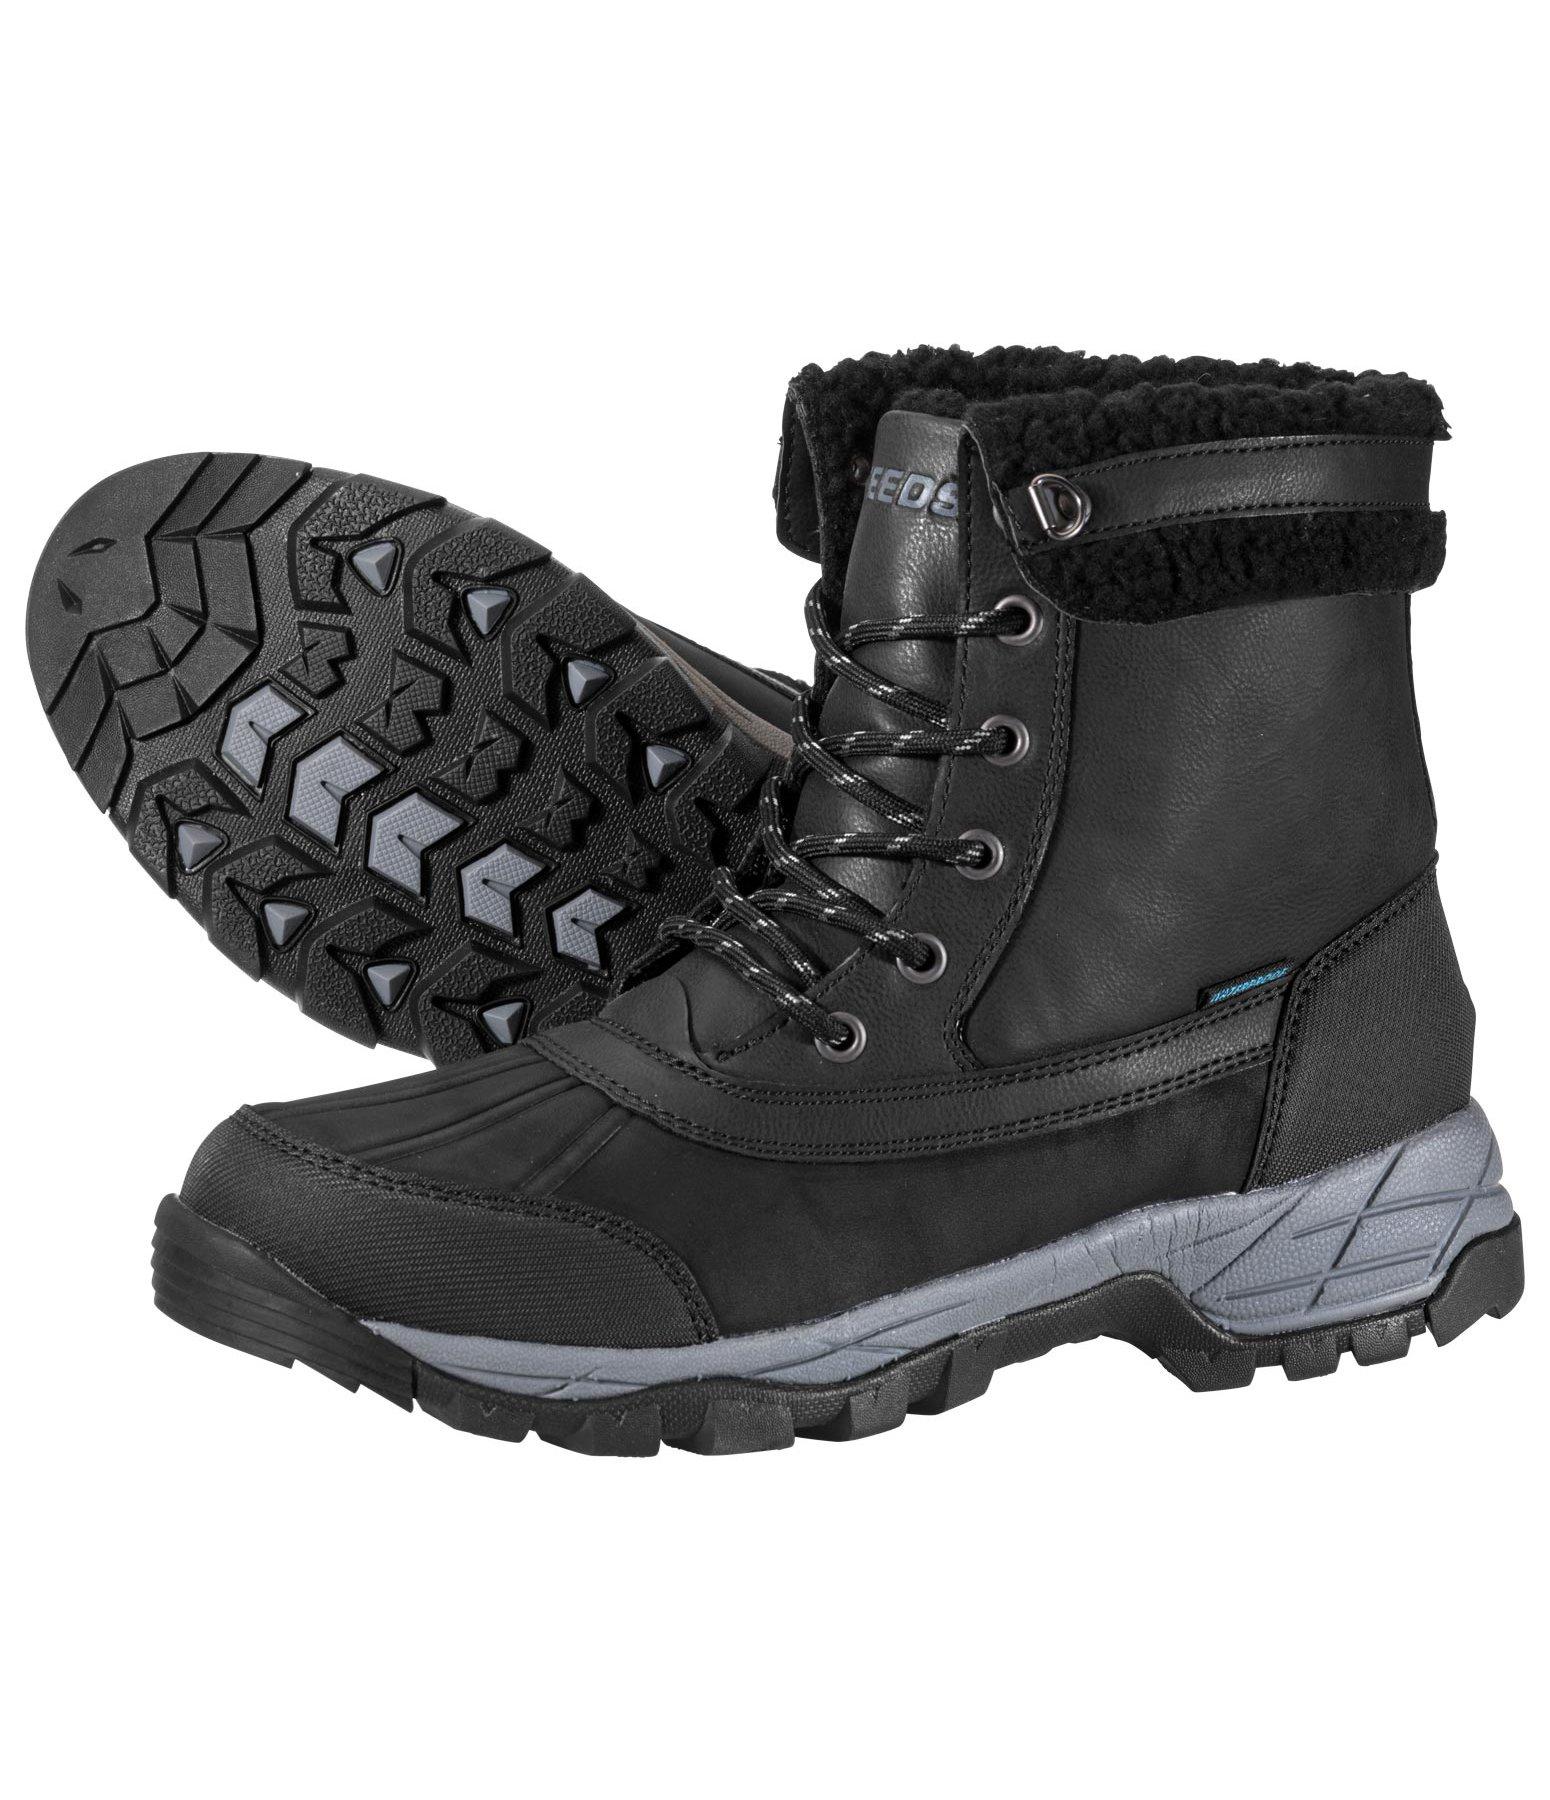 d'écurie Escort Chaussures Chaussures Chaussures d'hiver d'hiver d'écurie Escort mv80Nnw